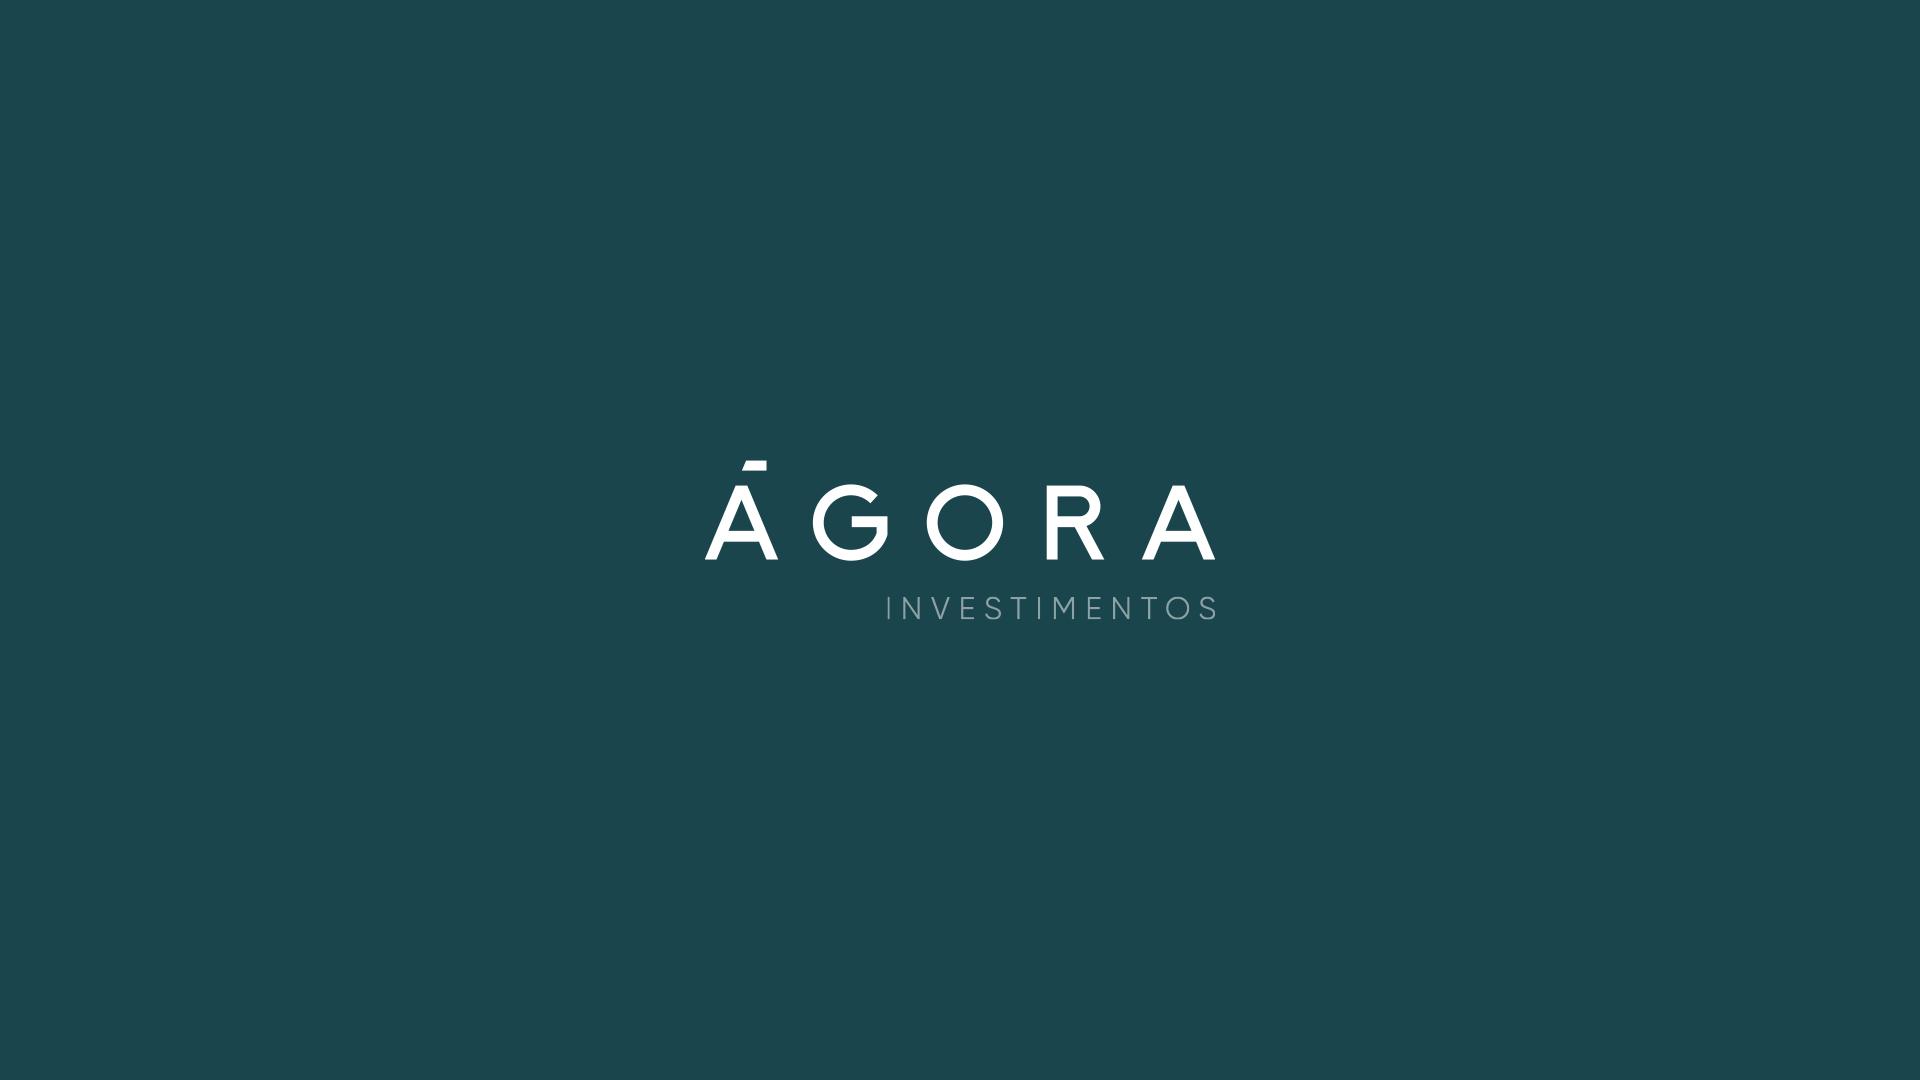 Agora_Brandbook_2.1_04_02_20.001